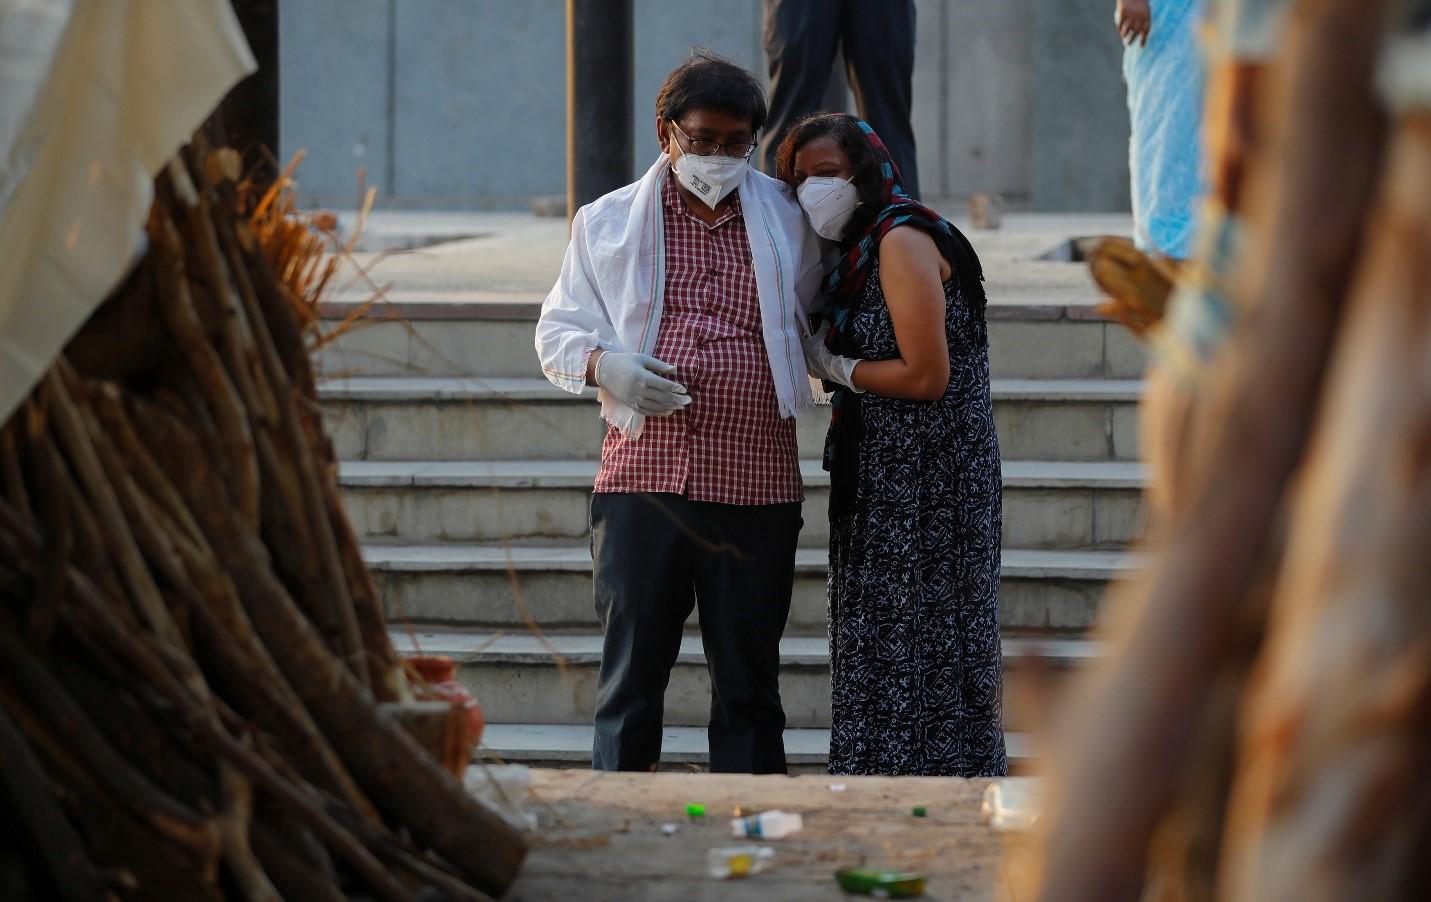 Ấn Độ hứa hẹn sẽ sản xuất nhiều vắc xin COVID-19 hơn khi số ca tử vong mỗi ngày ở mức trên 4.000  - Ảnh 1.